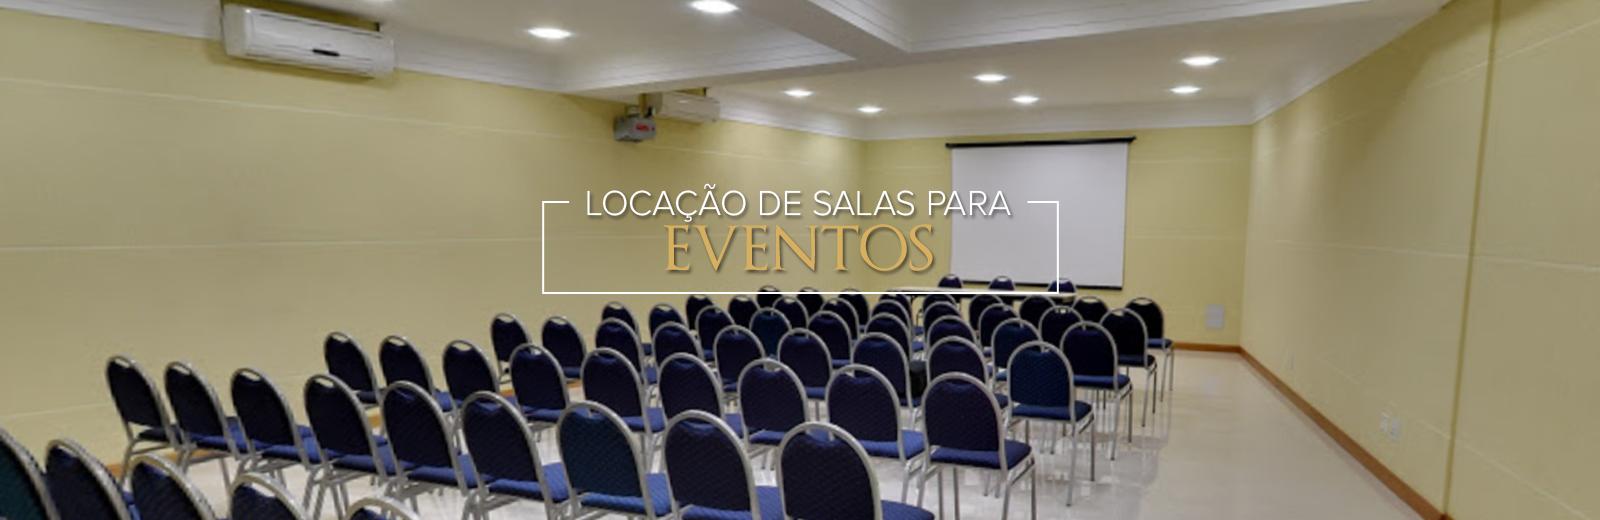 Salas para Eventos Barbur Center Hotel Em Ponta Grossa